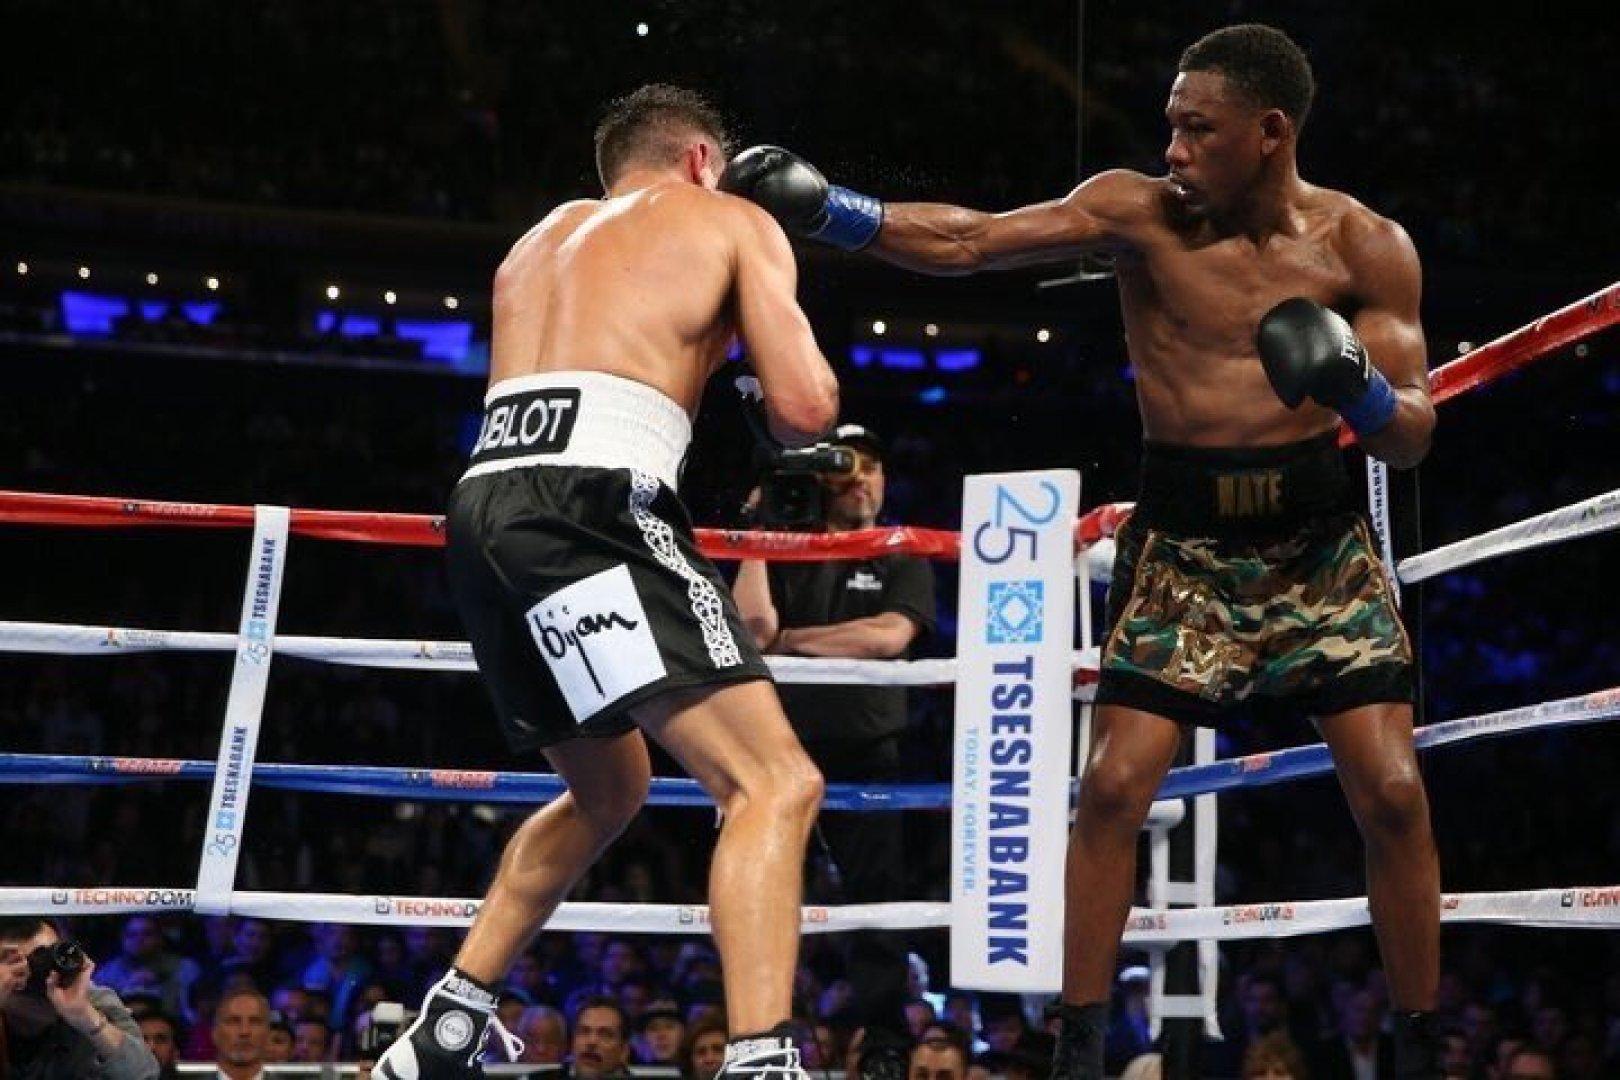 Проводников не хочет уходить из бокса после поражения — промоутер